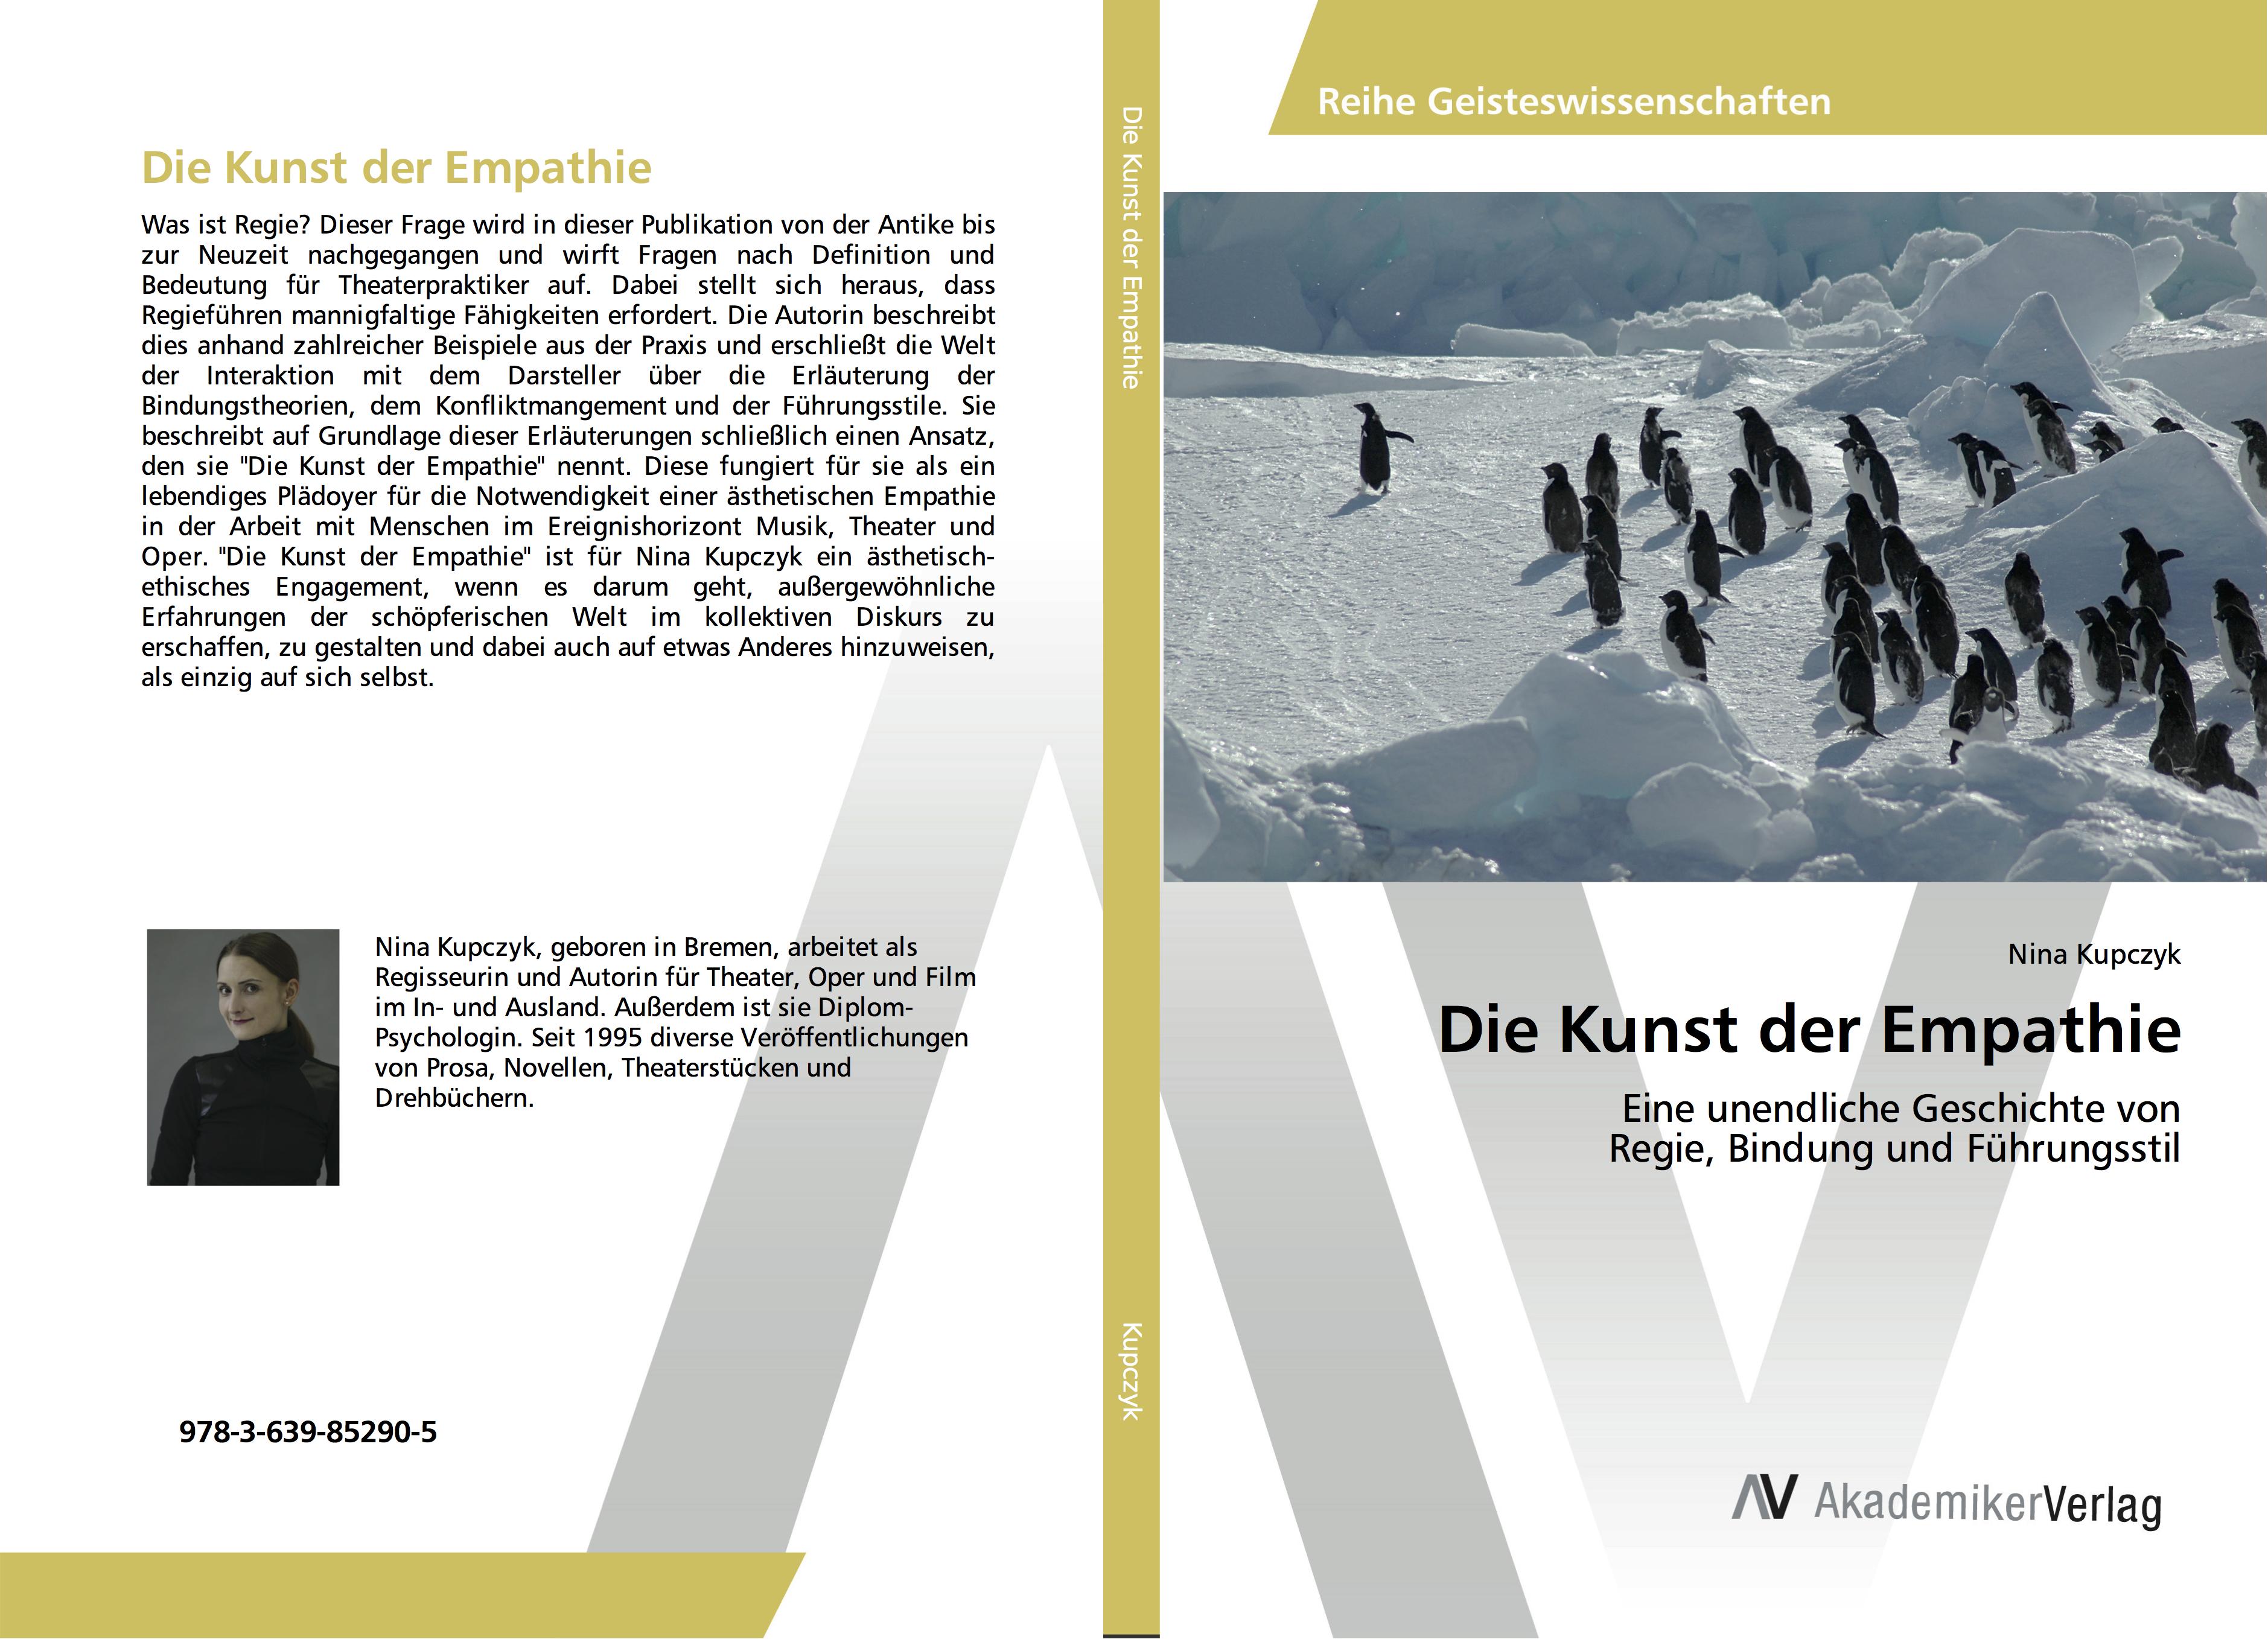 DieKunstderEmathie_NinaKupczyk.de